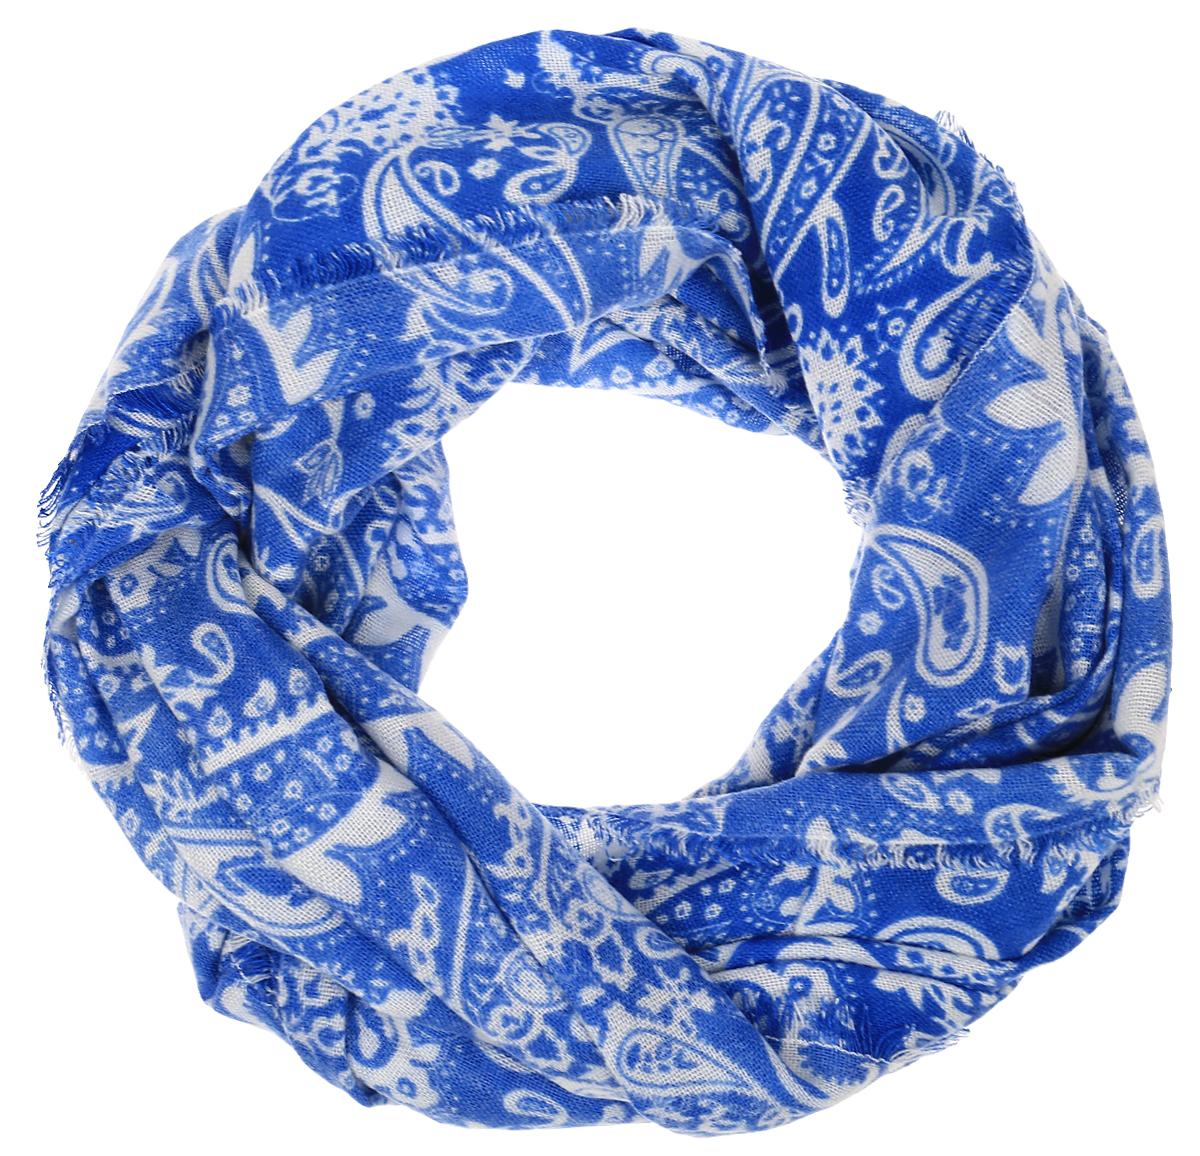 Палантин Sophie Ramage, цвет: белый, синий. YY-21617-1. Размер 70 см х 180 смYY-21617-1Элегантный палантин Sophie Ramage станет достойным завершением вашего образа. Палантин изготовлен из акрила с добавлением шерсти. Модель декорирована ярким узором по всему изделию. Палантин красиво драпируется, он превосходно дополнит любой наряд и подчеркнет ваш изысканный вкус. Легкий и изящный палантин привнесет в ваш образ утонченность и шарм.